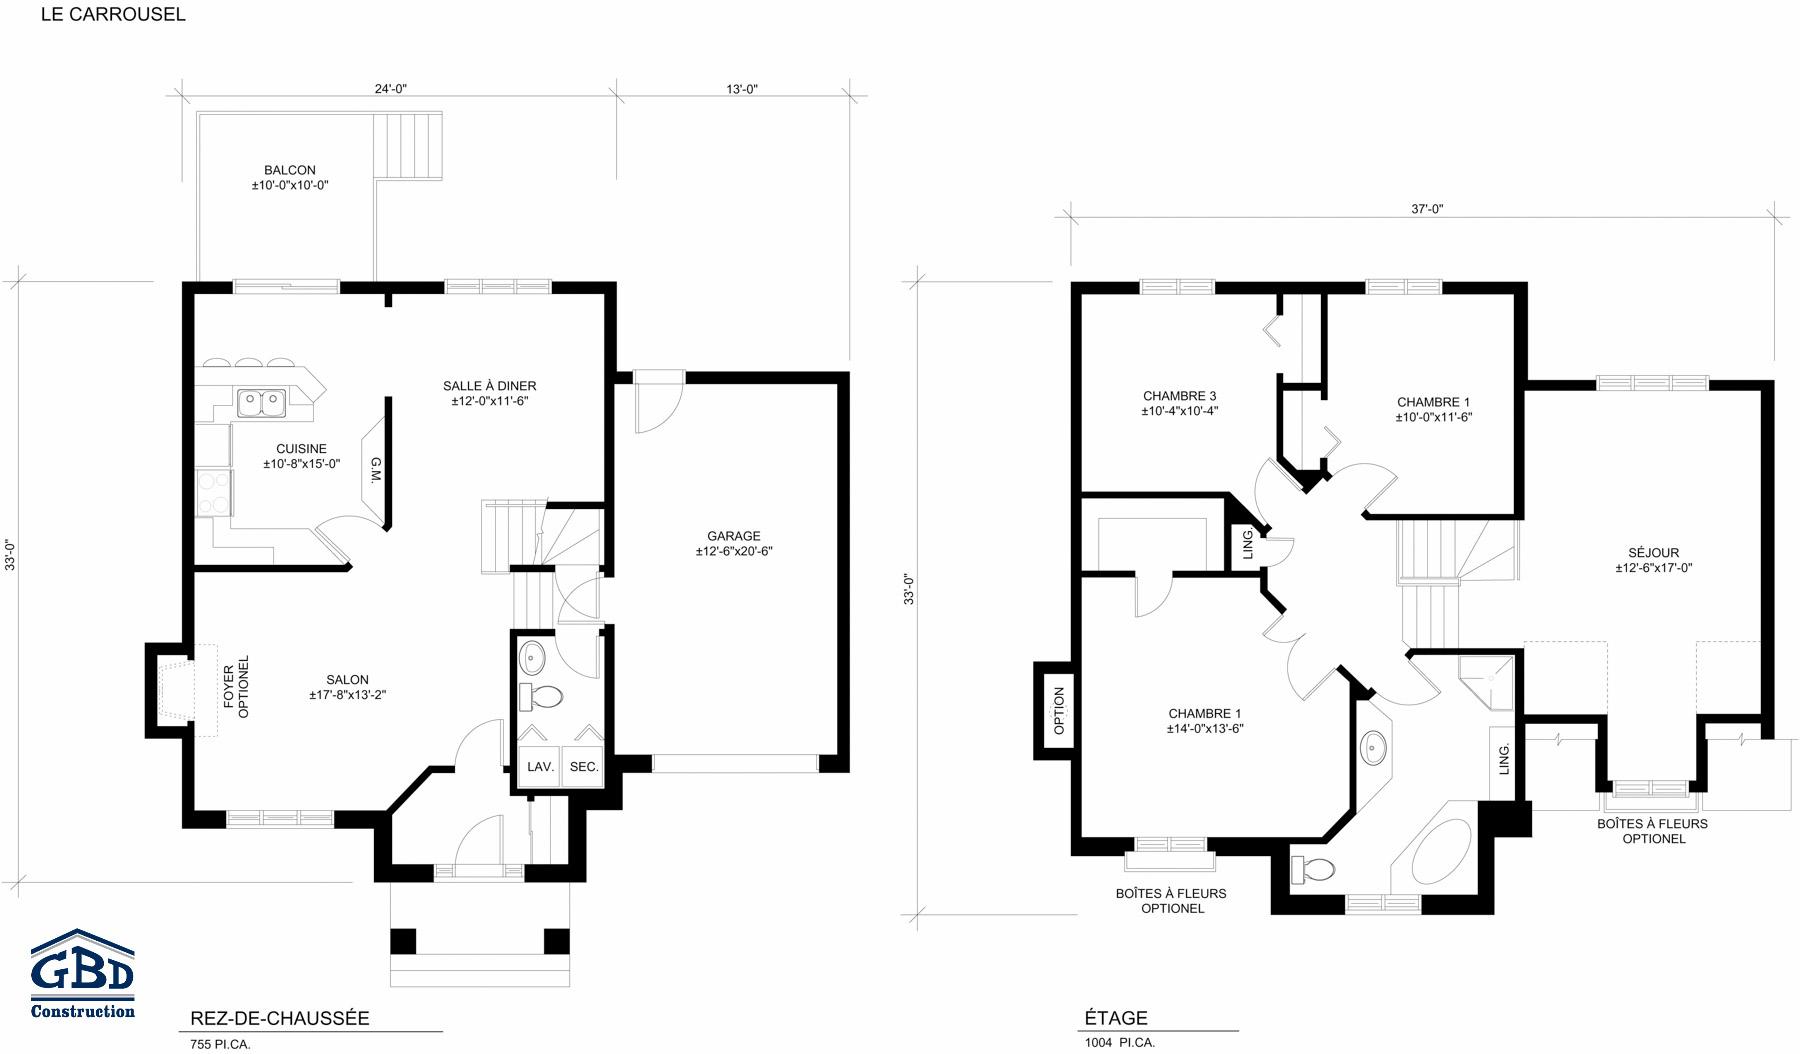 Carrousel maison neuve deux tages de type cottage for Plan maison deux etages